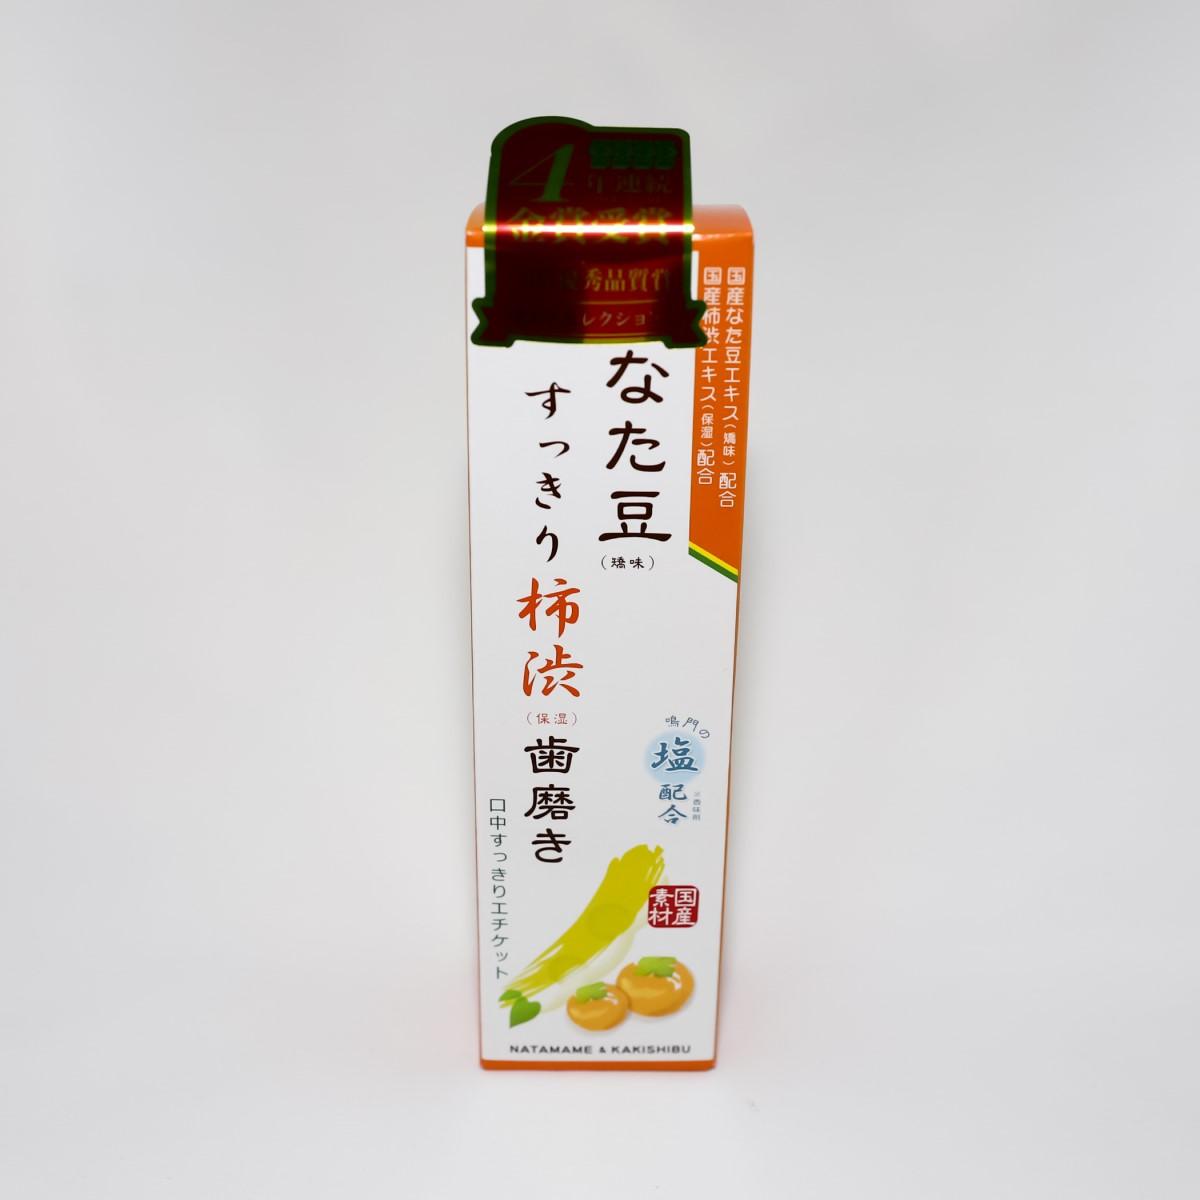 息スッキリ お口さわやか 売却 送料無料 なた豆 すっきり柿渋歯磨き粉×3本 情熱セール